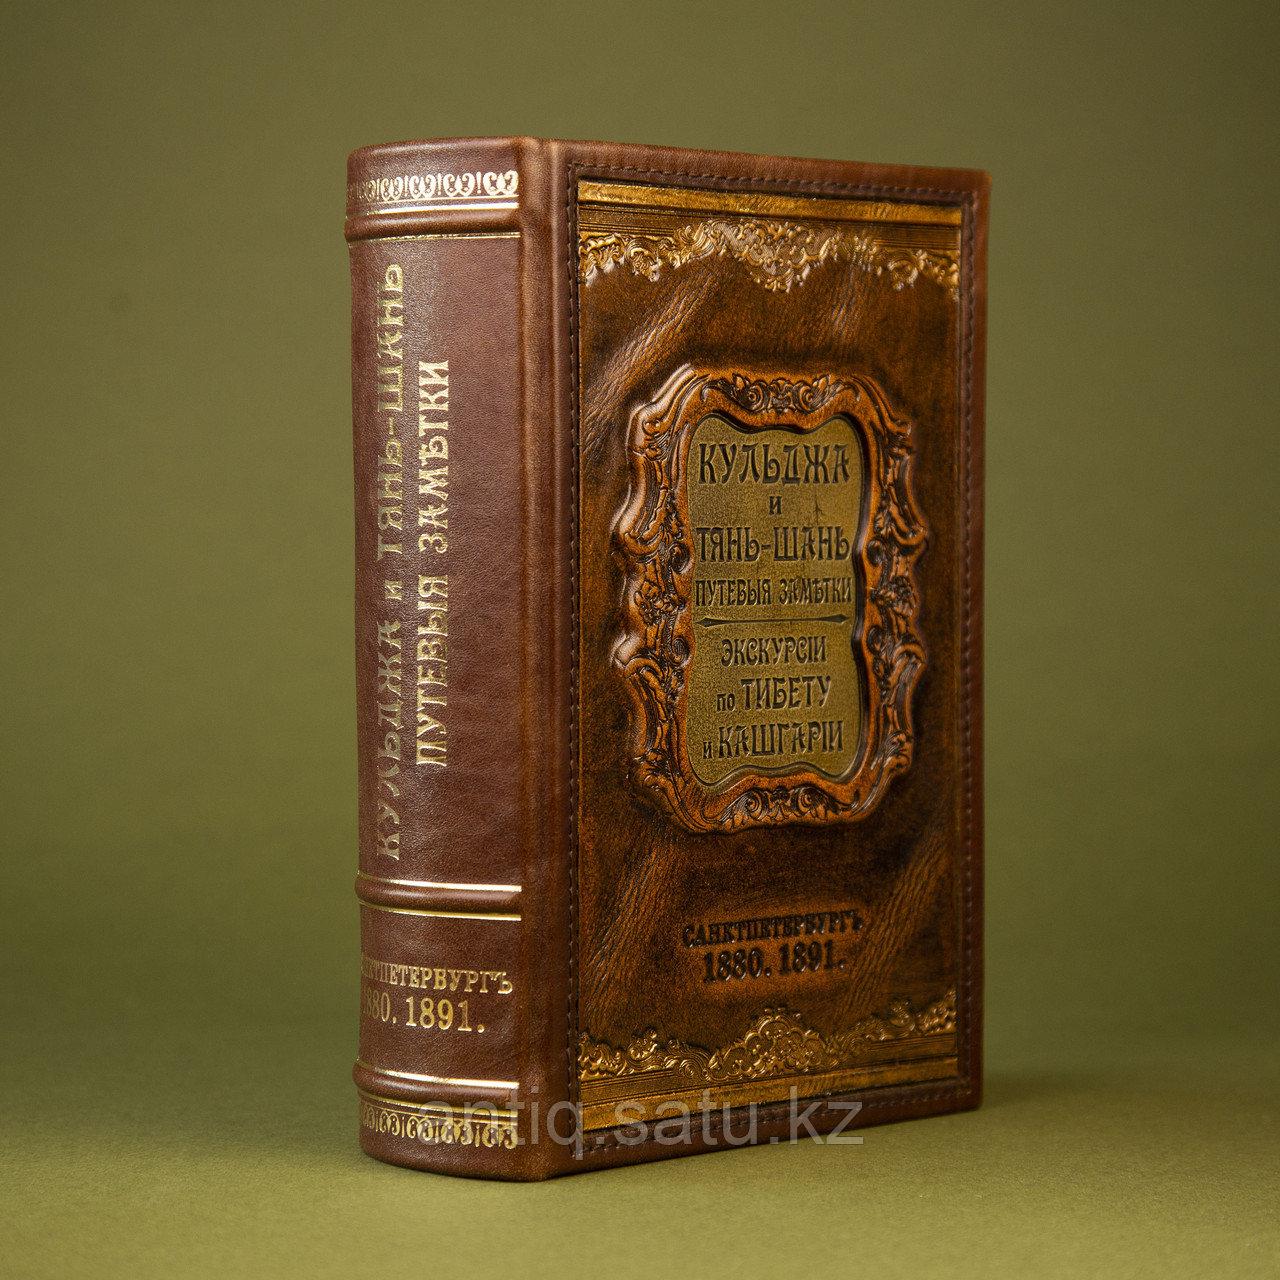 Антикварная книга, состоящая из 2-х трудов: «Кульджа и Тянь-Шань» и «Путевые заметки Экскурсии по Тибету - фото 2